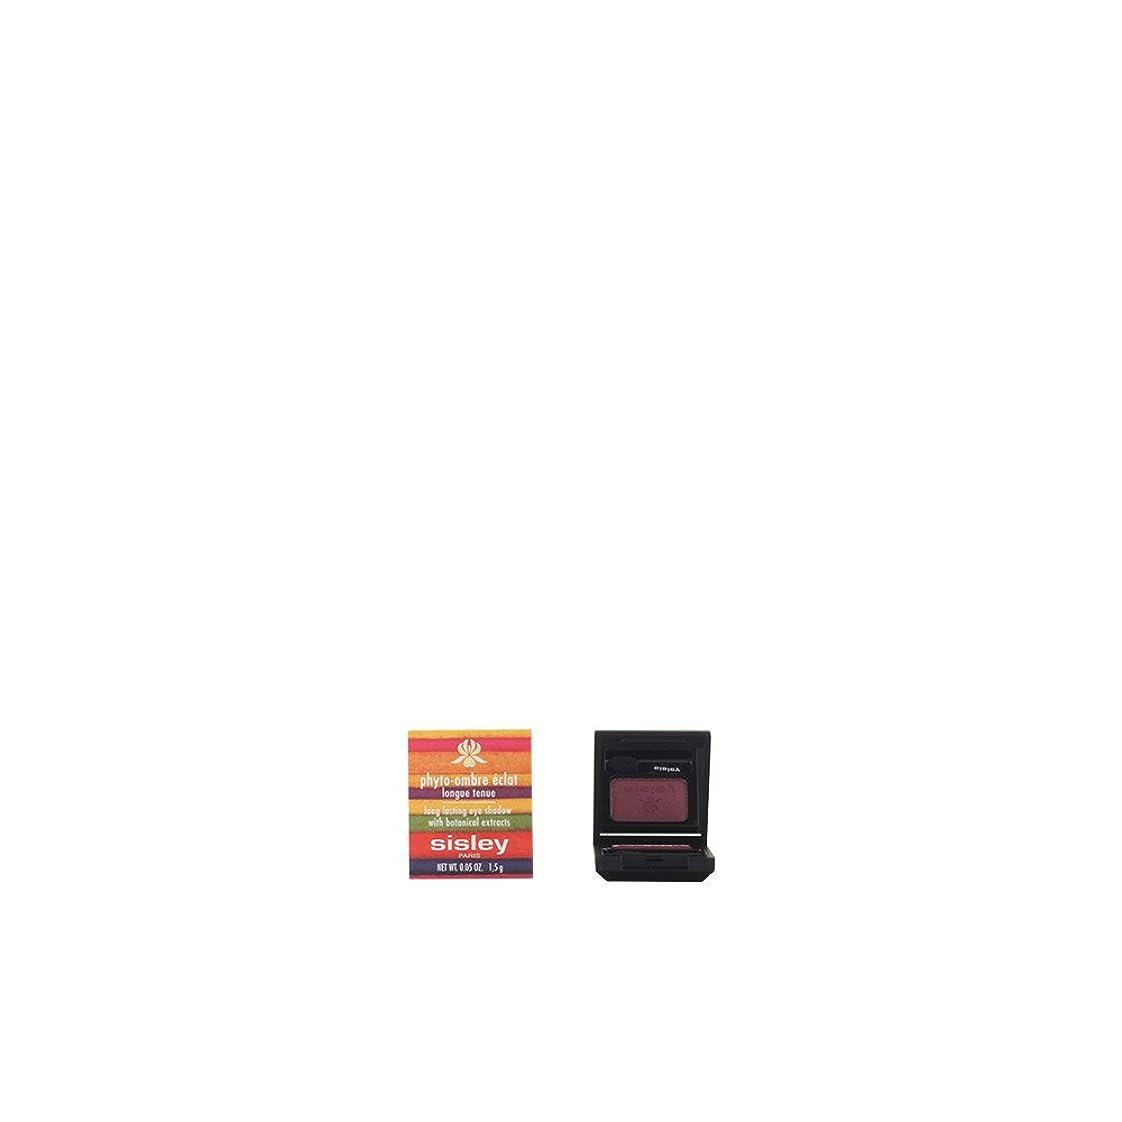 ハングパドルパステルシスレー フィトオンブルエクラ 1.5g/0.05oz # 19 エボニー